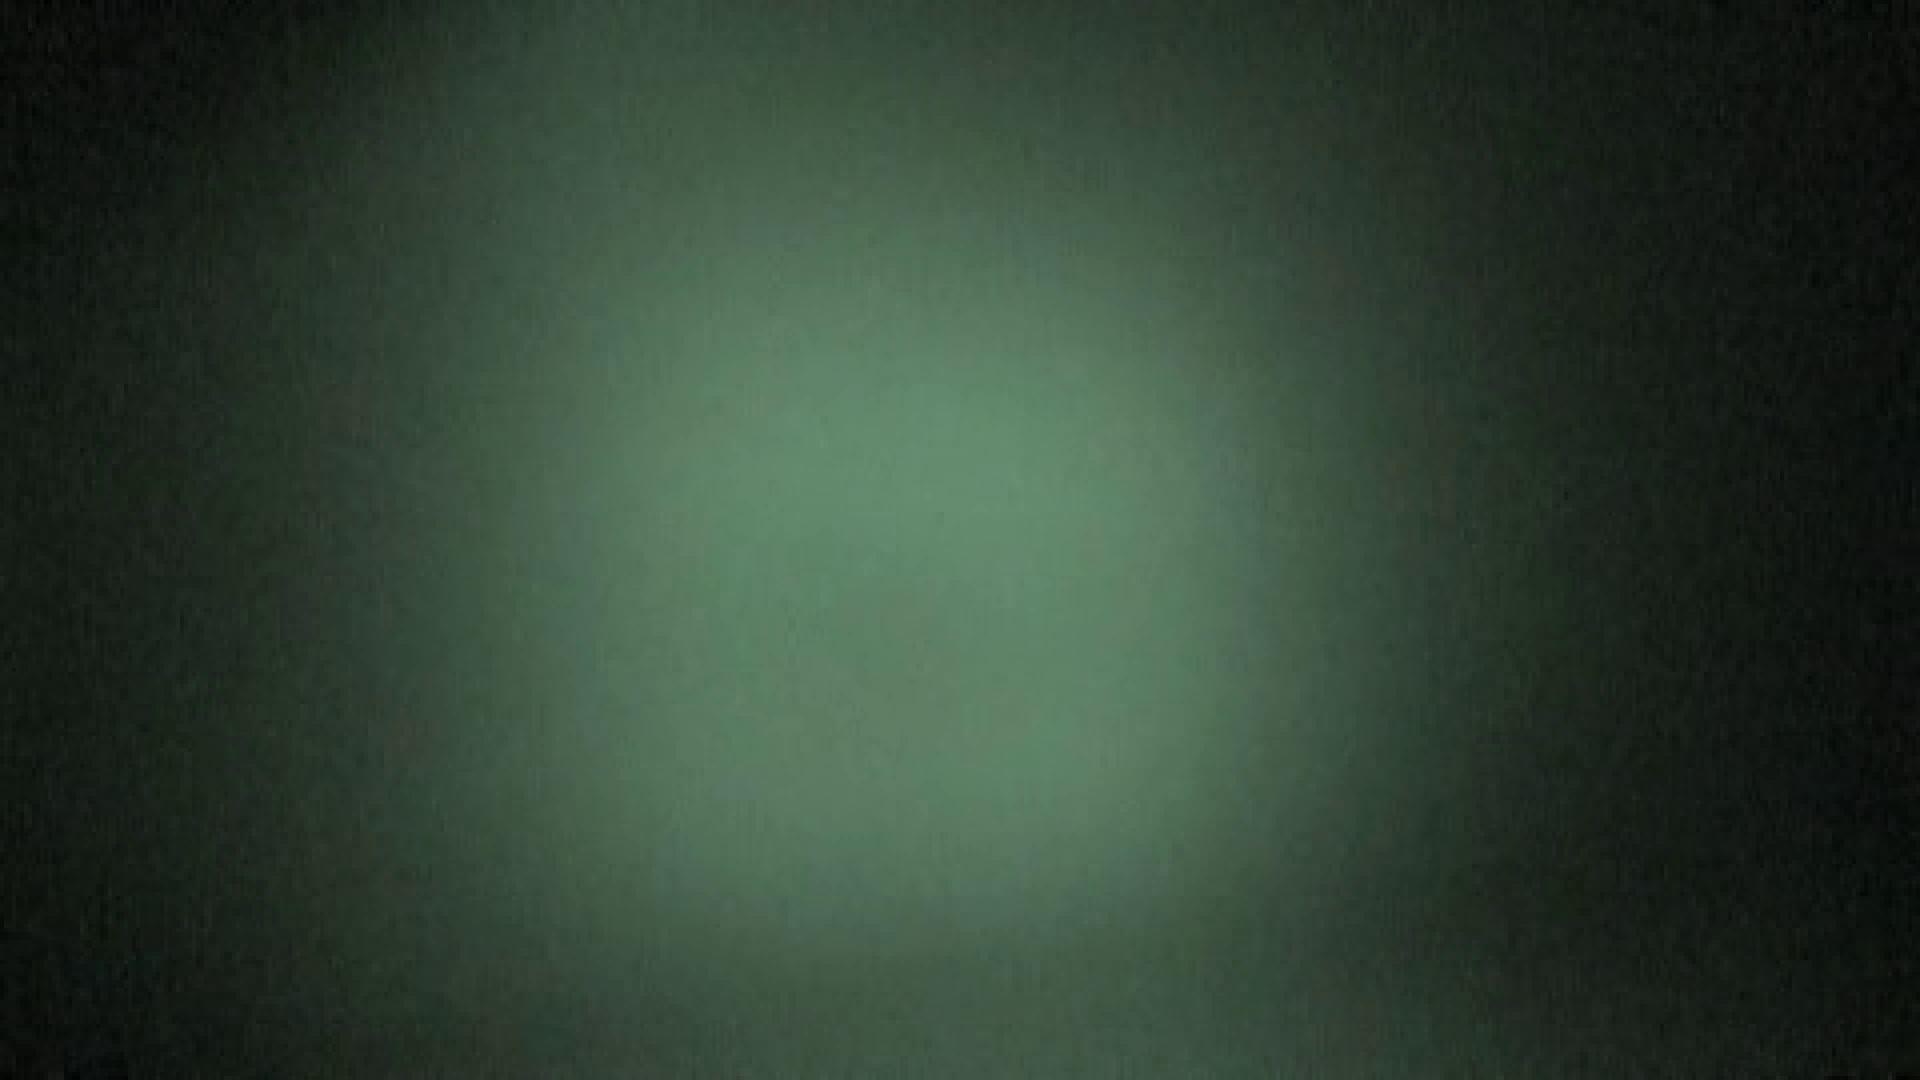 独占配信! ●罪証拠DVD 起きません! vol.10 人気シリーズ ワレメ動画紹介 97pic 28